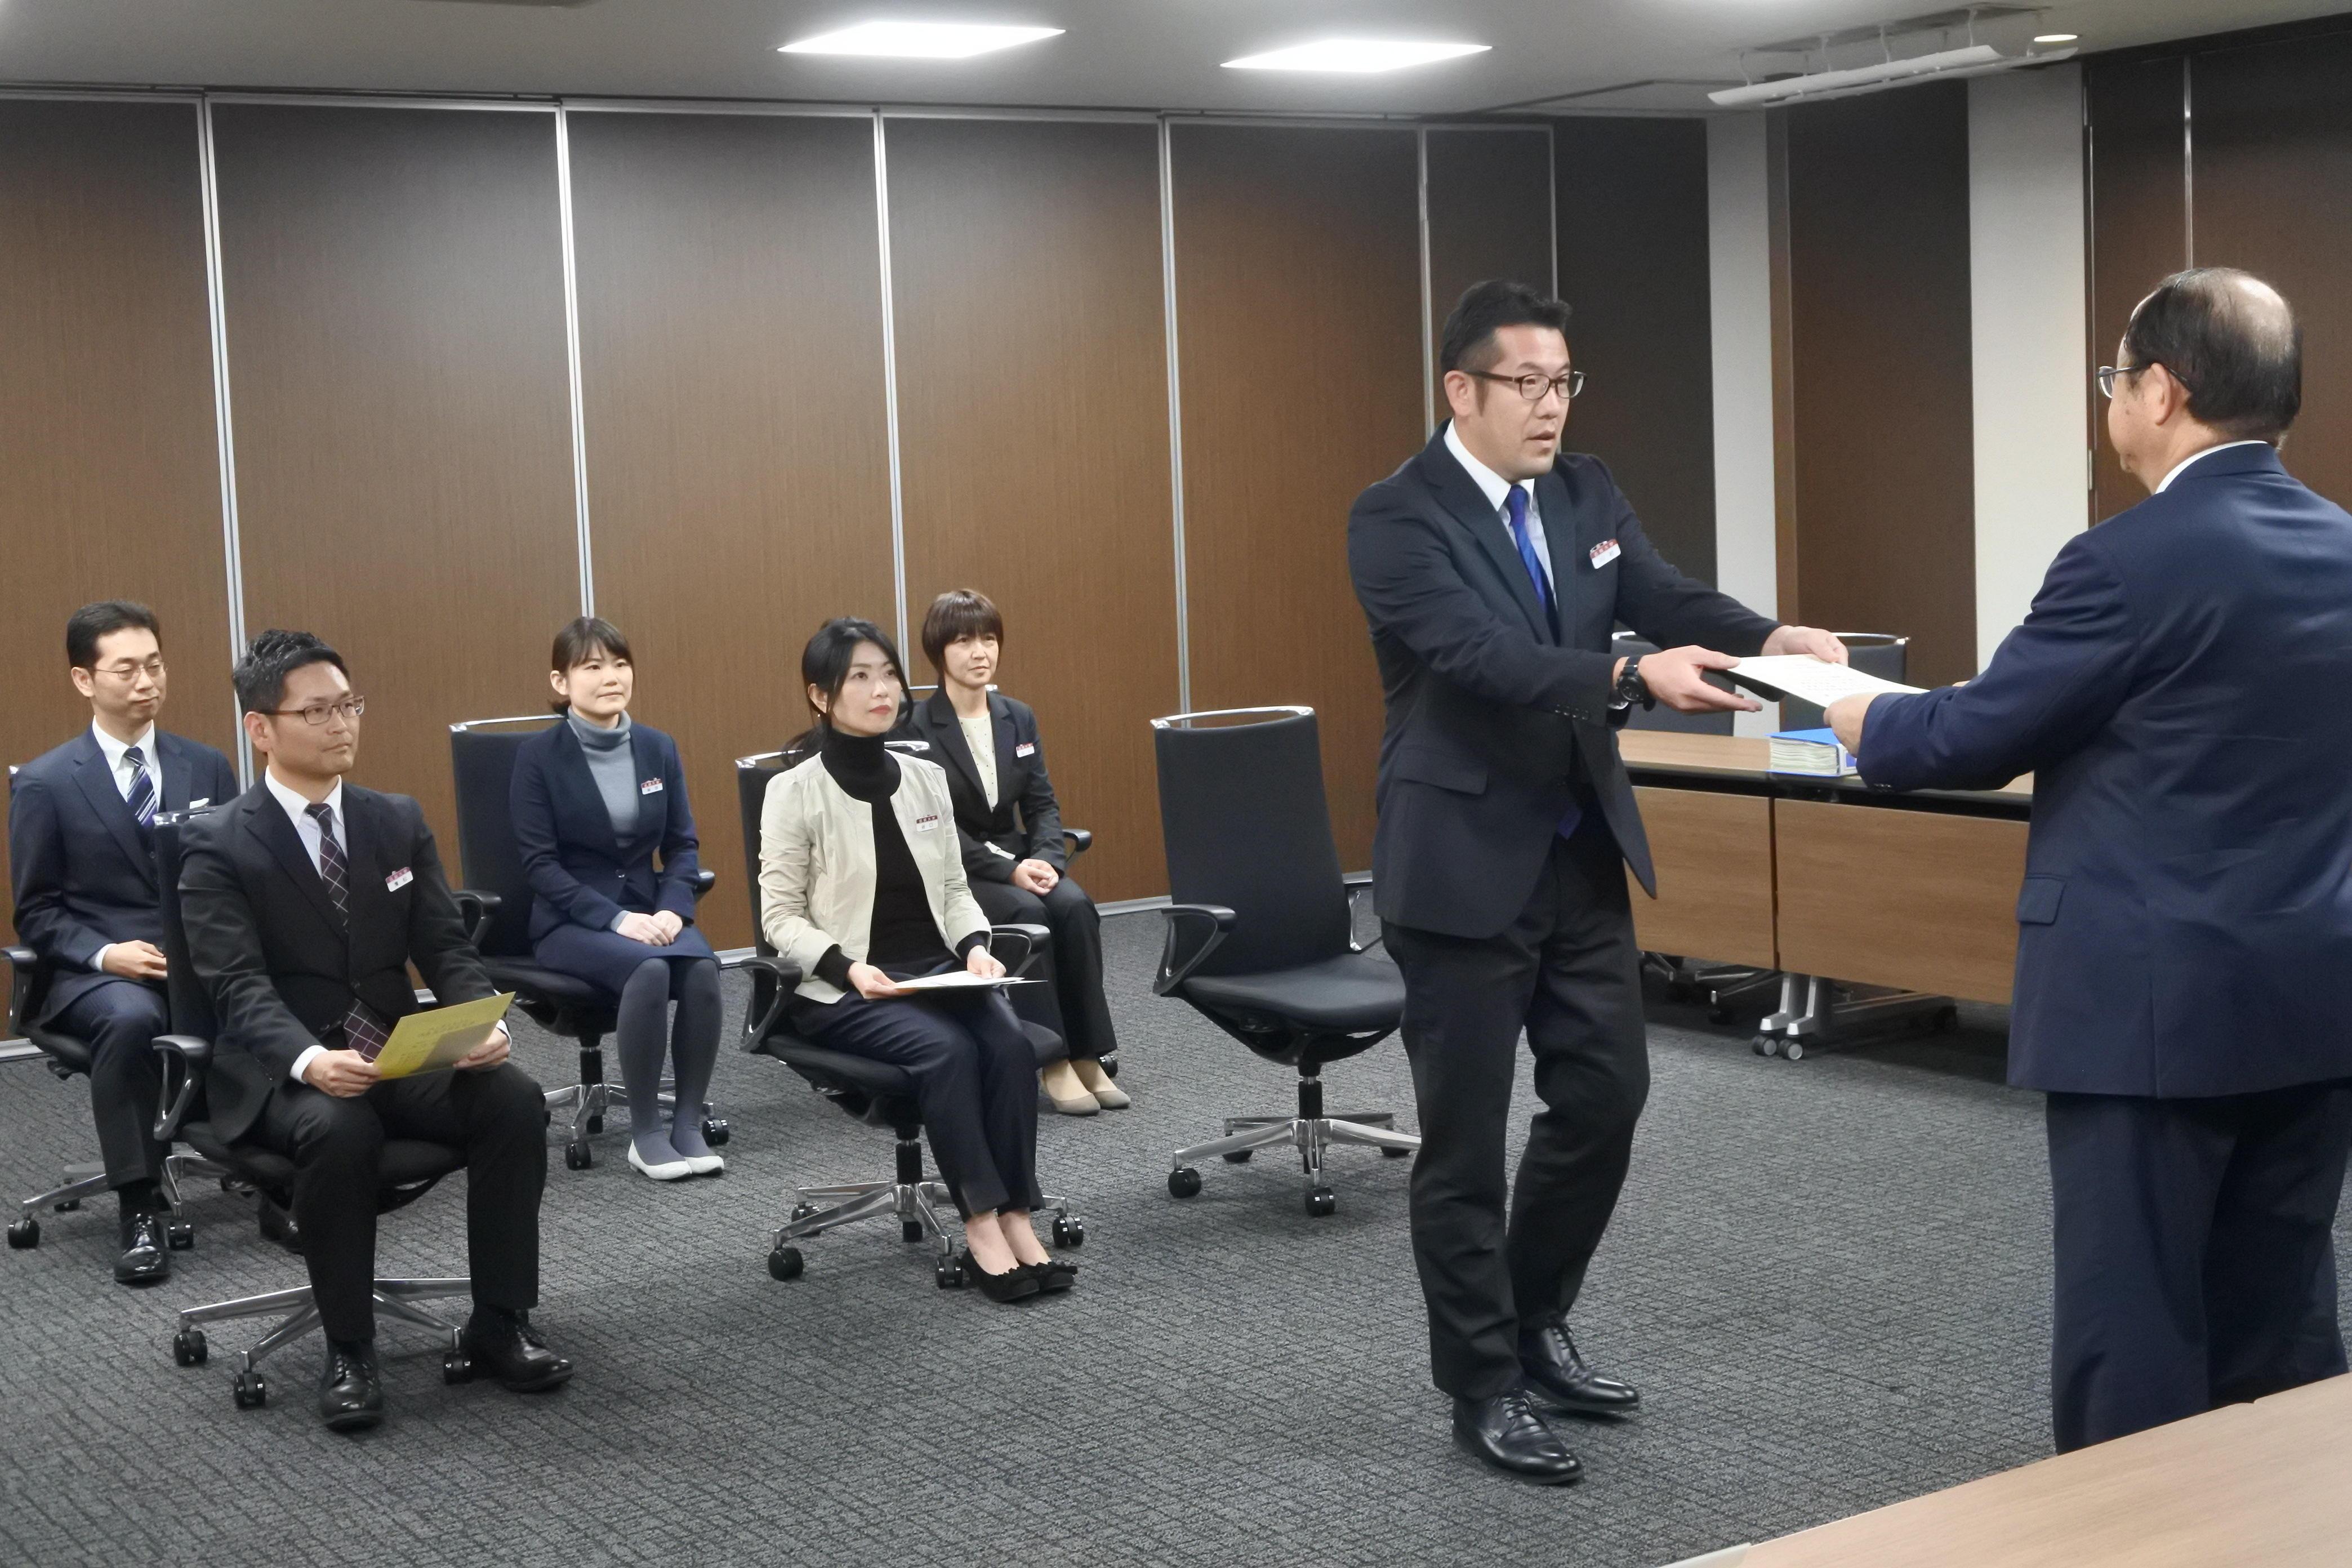 表彰状を受け取る施設部の川村信一さん